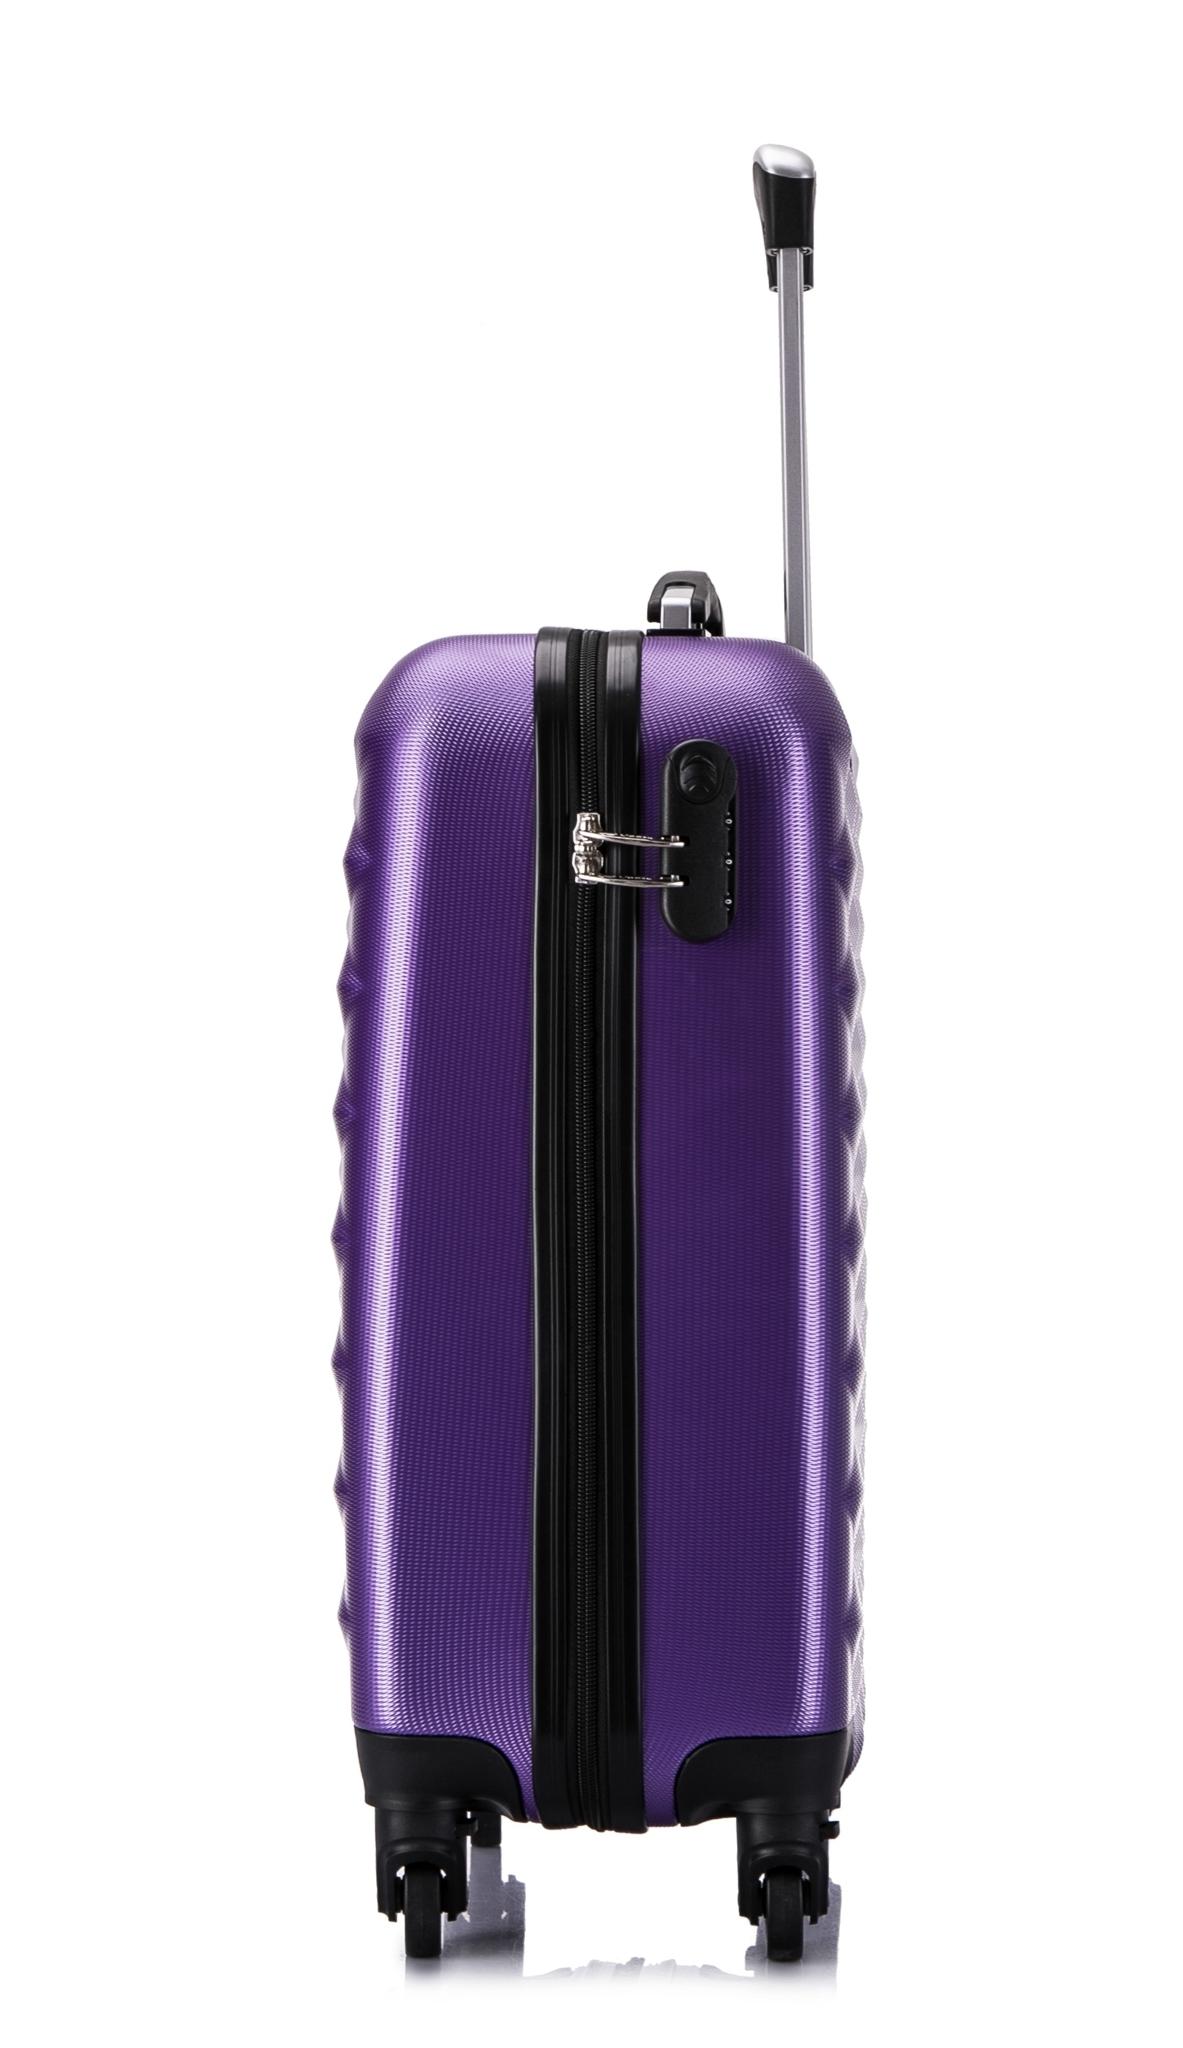 Чемодан со съемными колесами L'case Phatthaya-20 Фиолетовый ручная кладь (S)